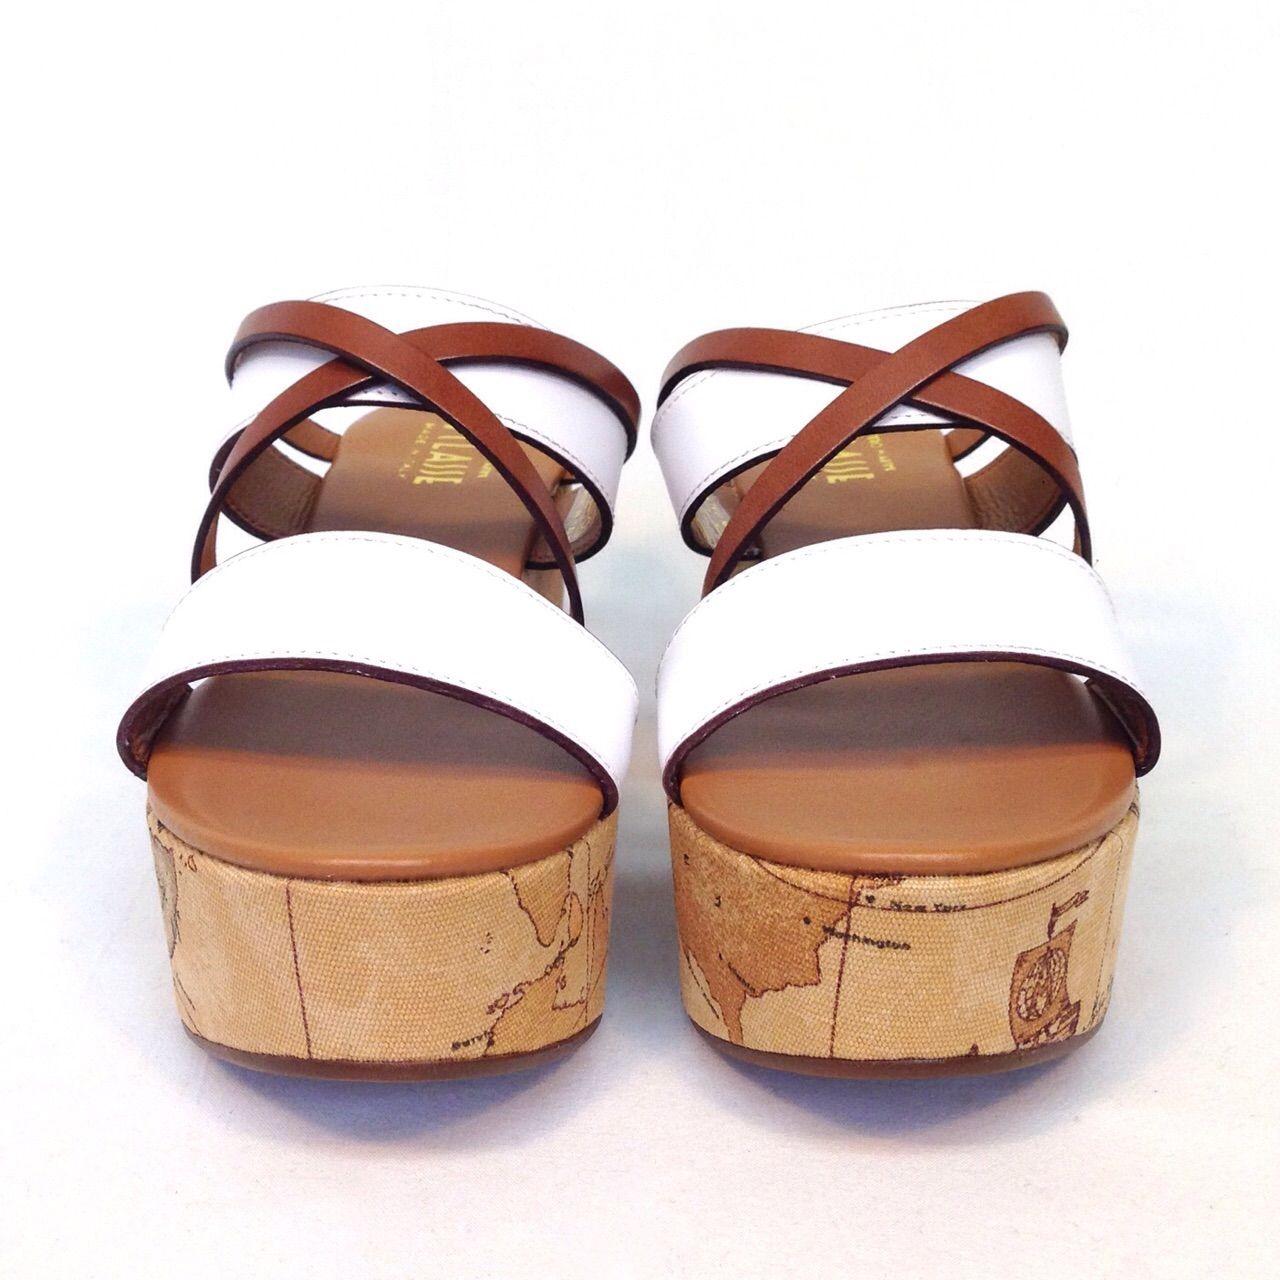 aad787e8beb451 shoes | scarpe | moda | fashion | 1°Classe, Alviero Martini - Sandali con  zeppa rivestita in tessuro geo, primavera/estate 2015